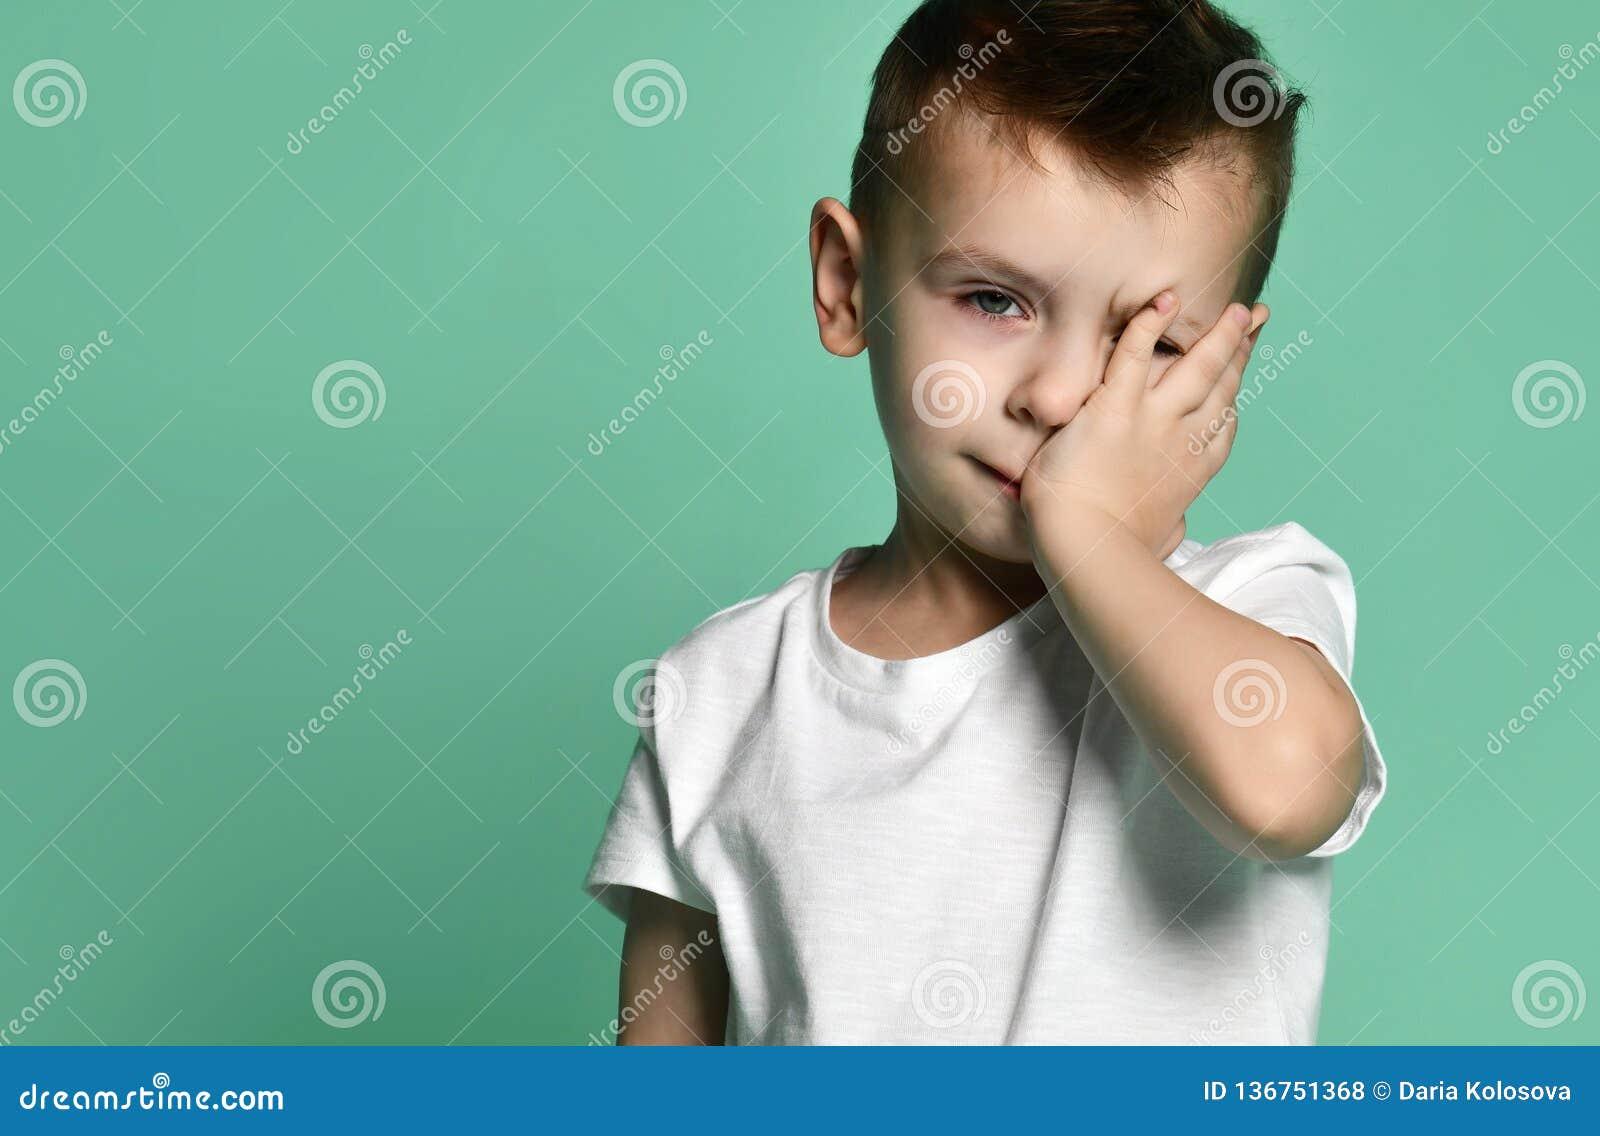 Retrato de la cabeza que se inclina aburrida triste infeliz del muchacho del niño en la palma que mira con trastorno